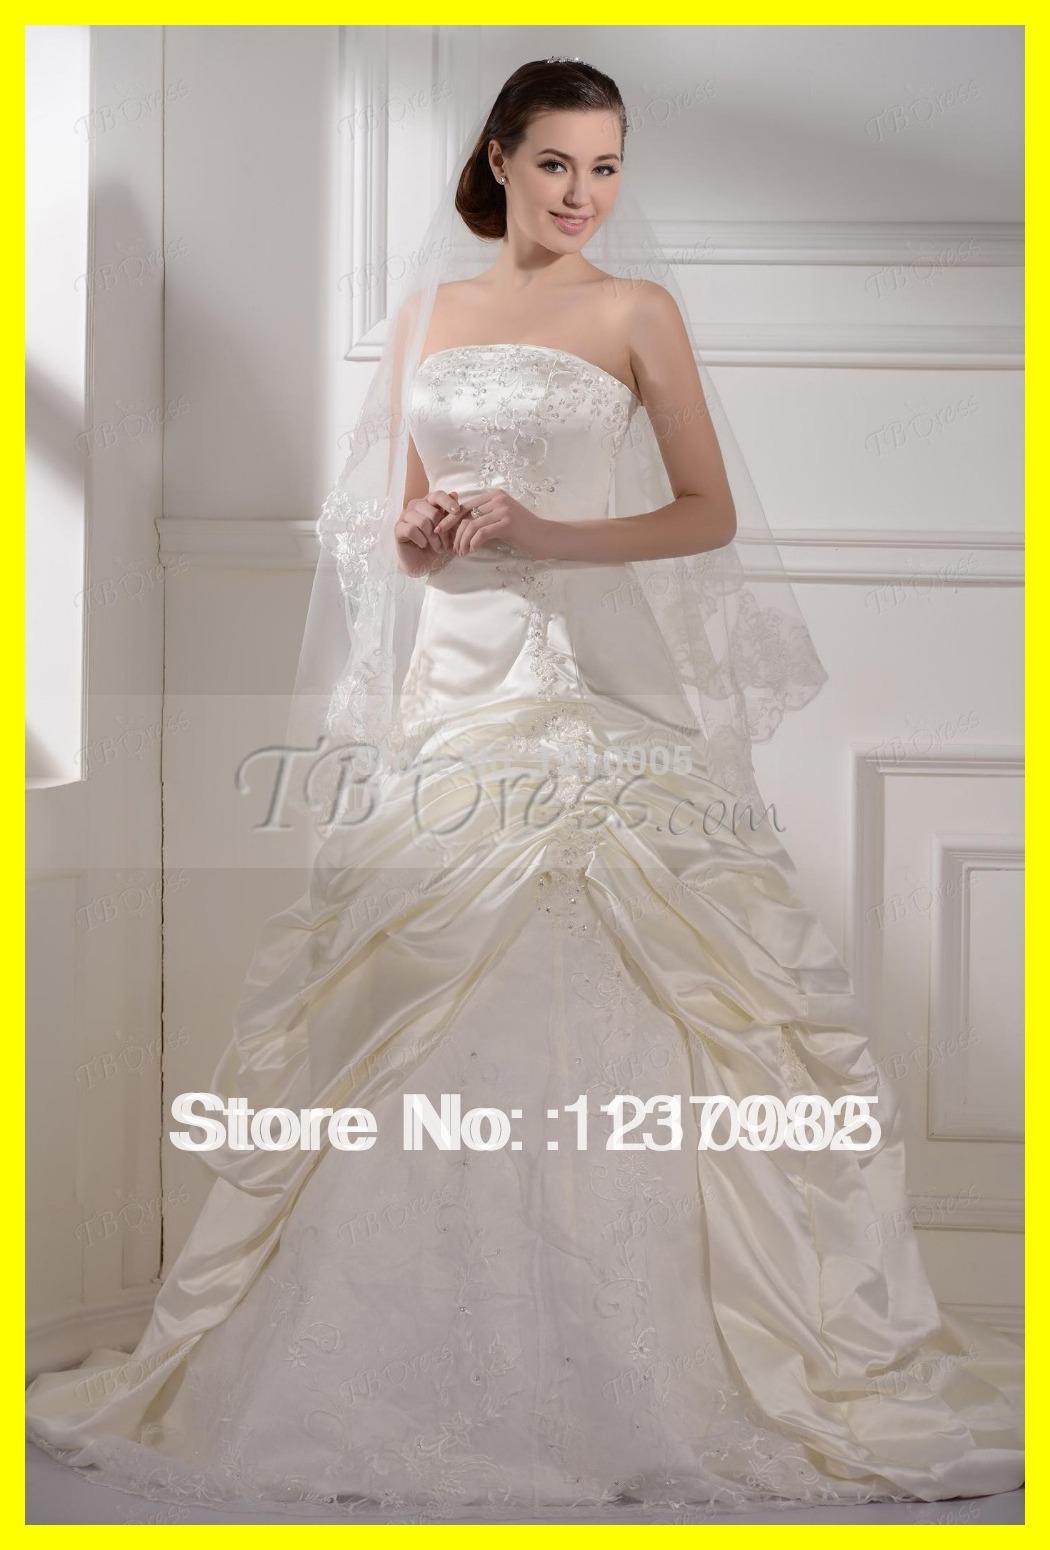 Hochzeitskleid mieten | Fotos